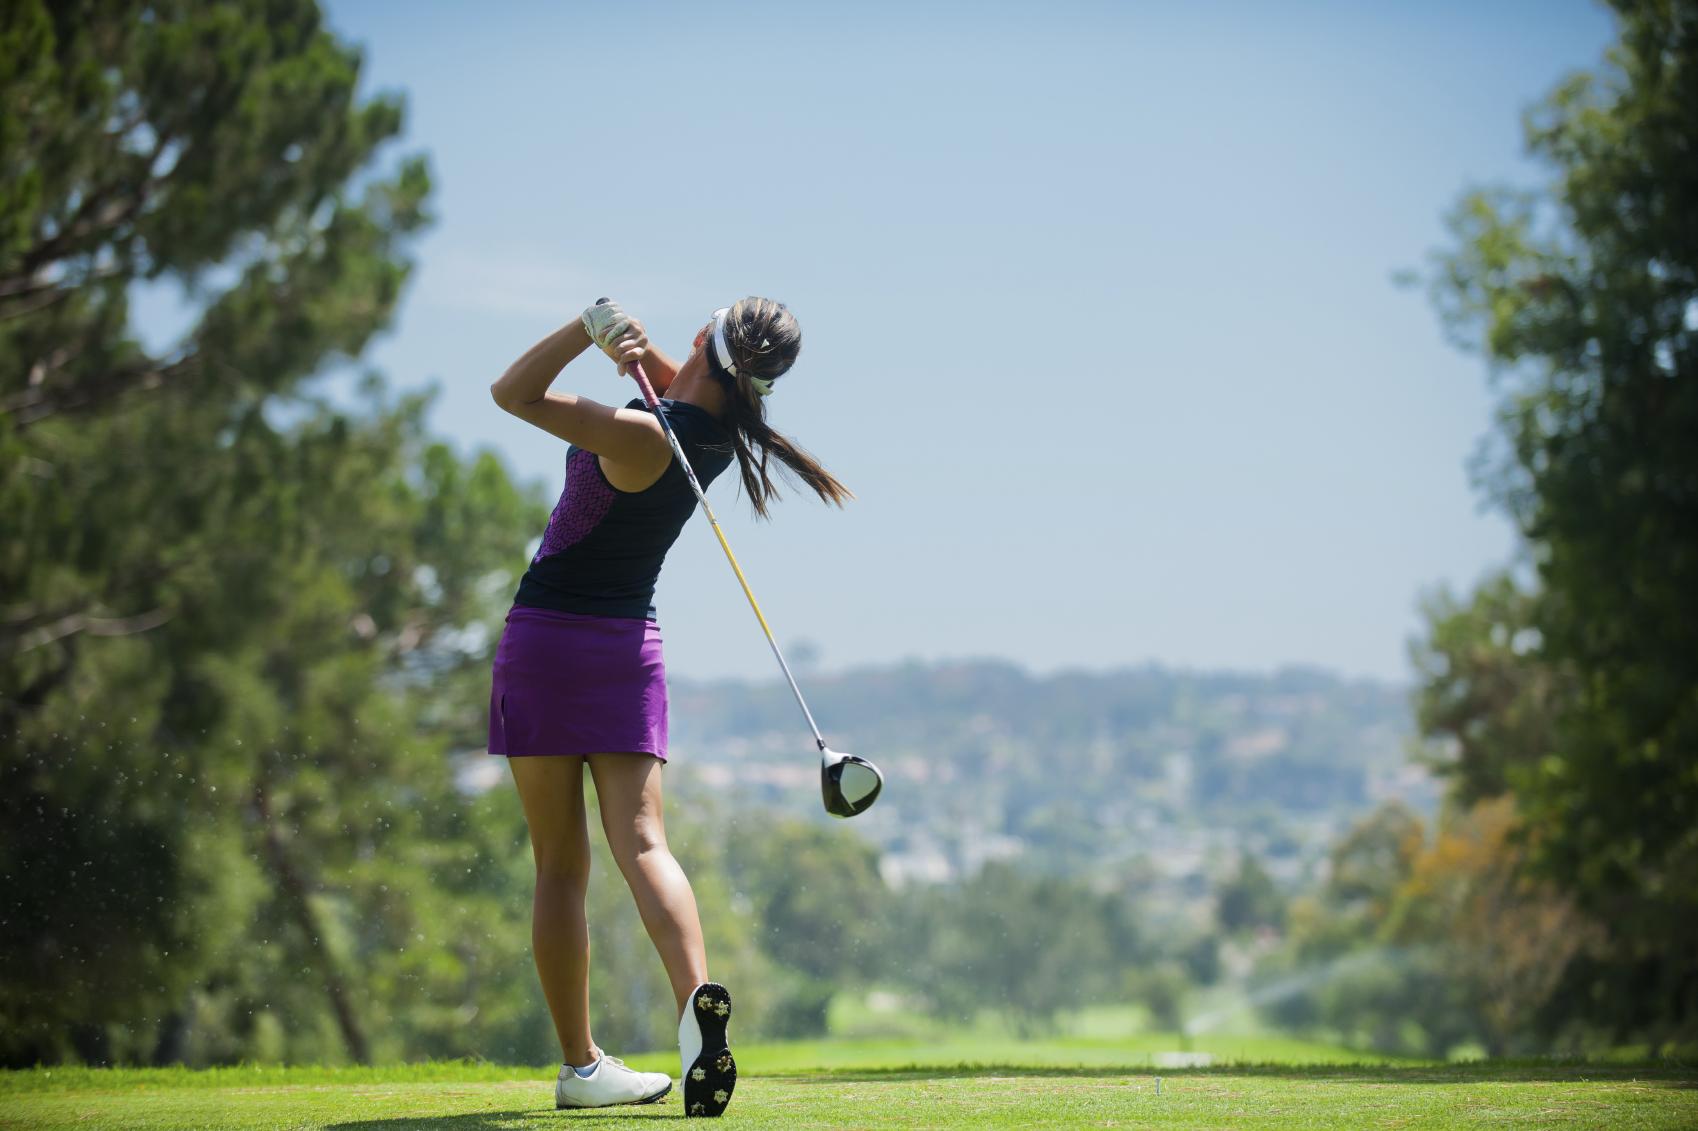 debuter-la-saison-de-golf